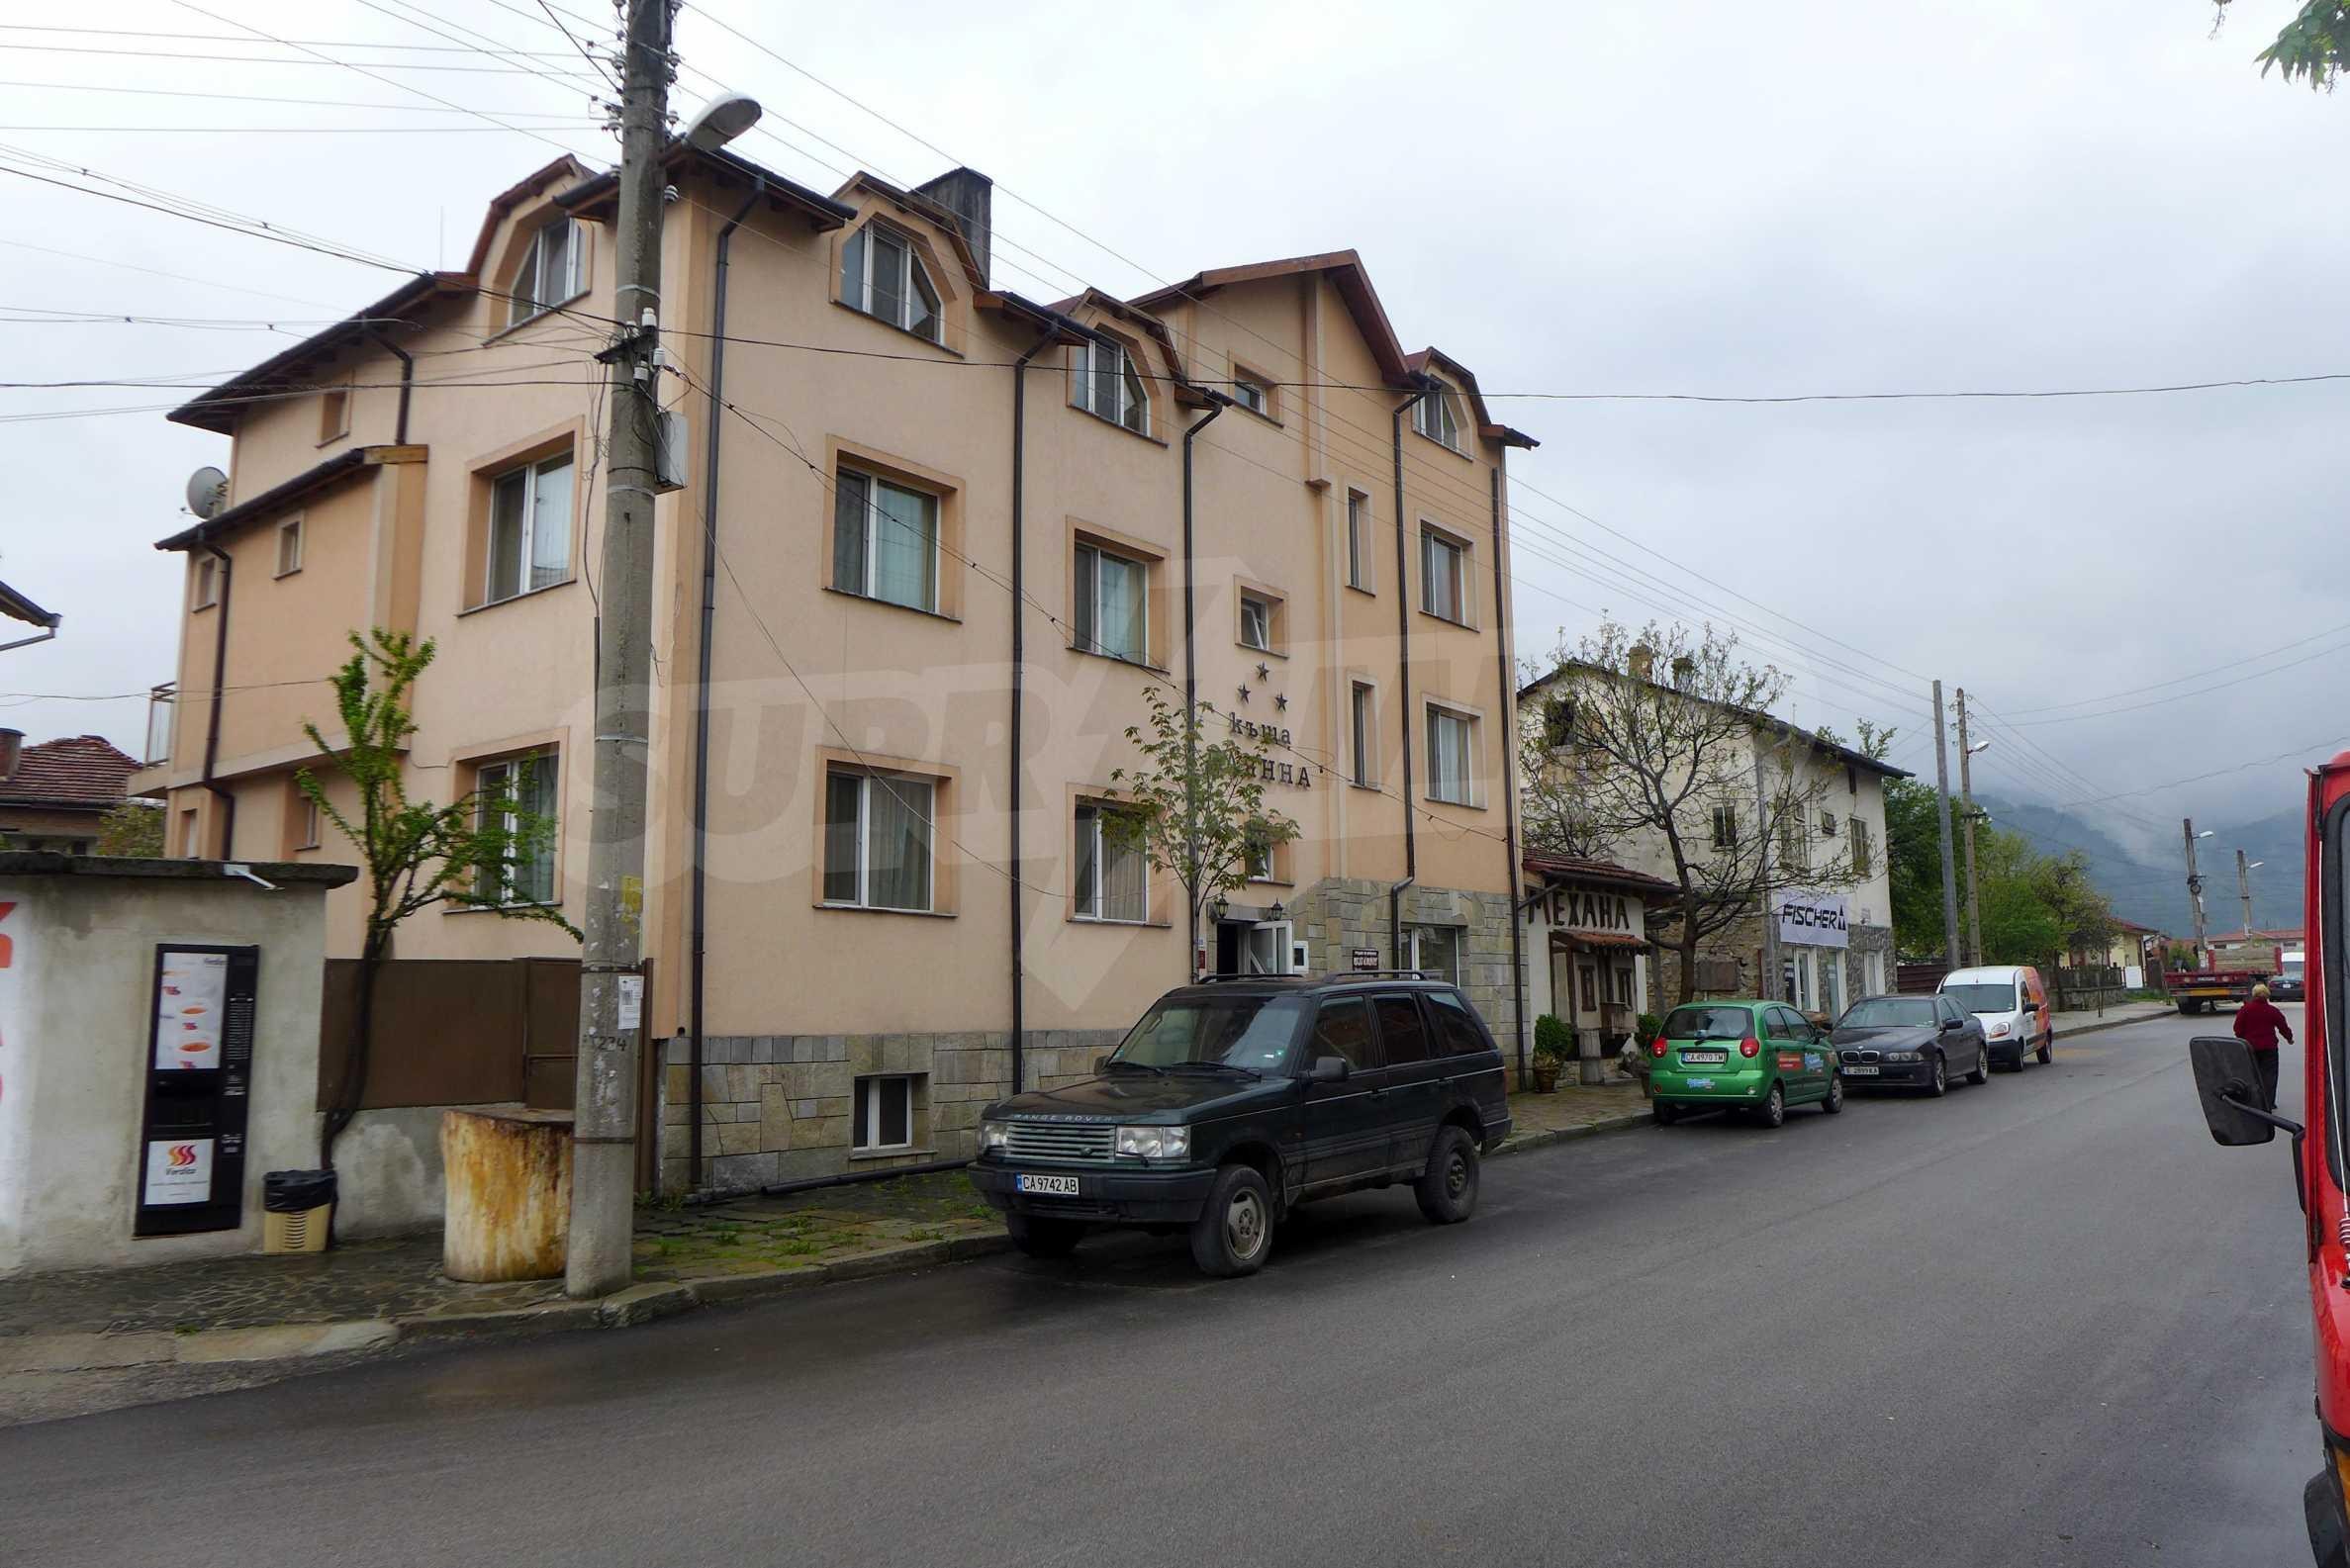 Familienhotel mit Taverne und Schönheitssalon im Kurort Dobrinishte 68